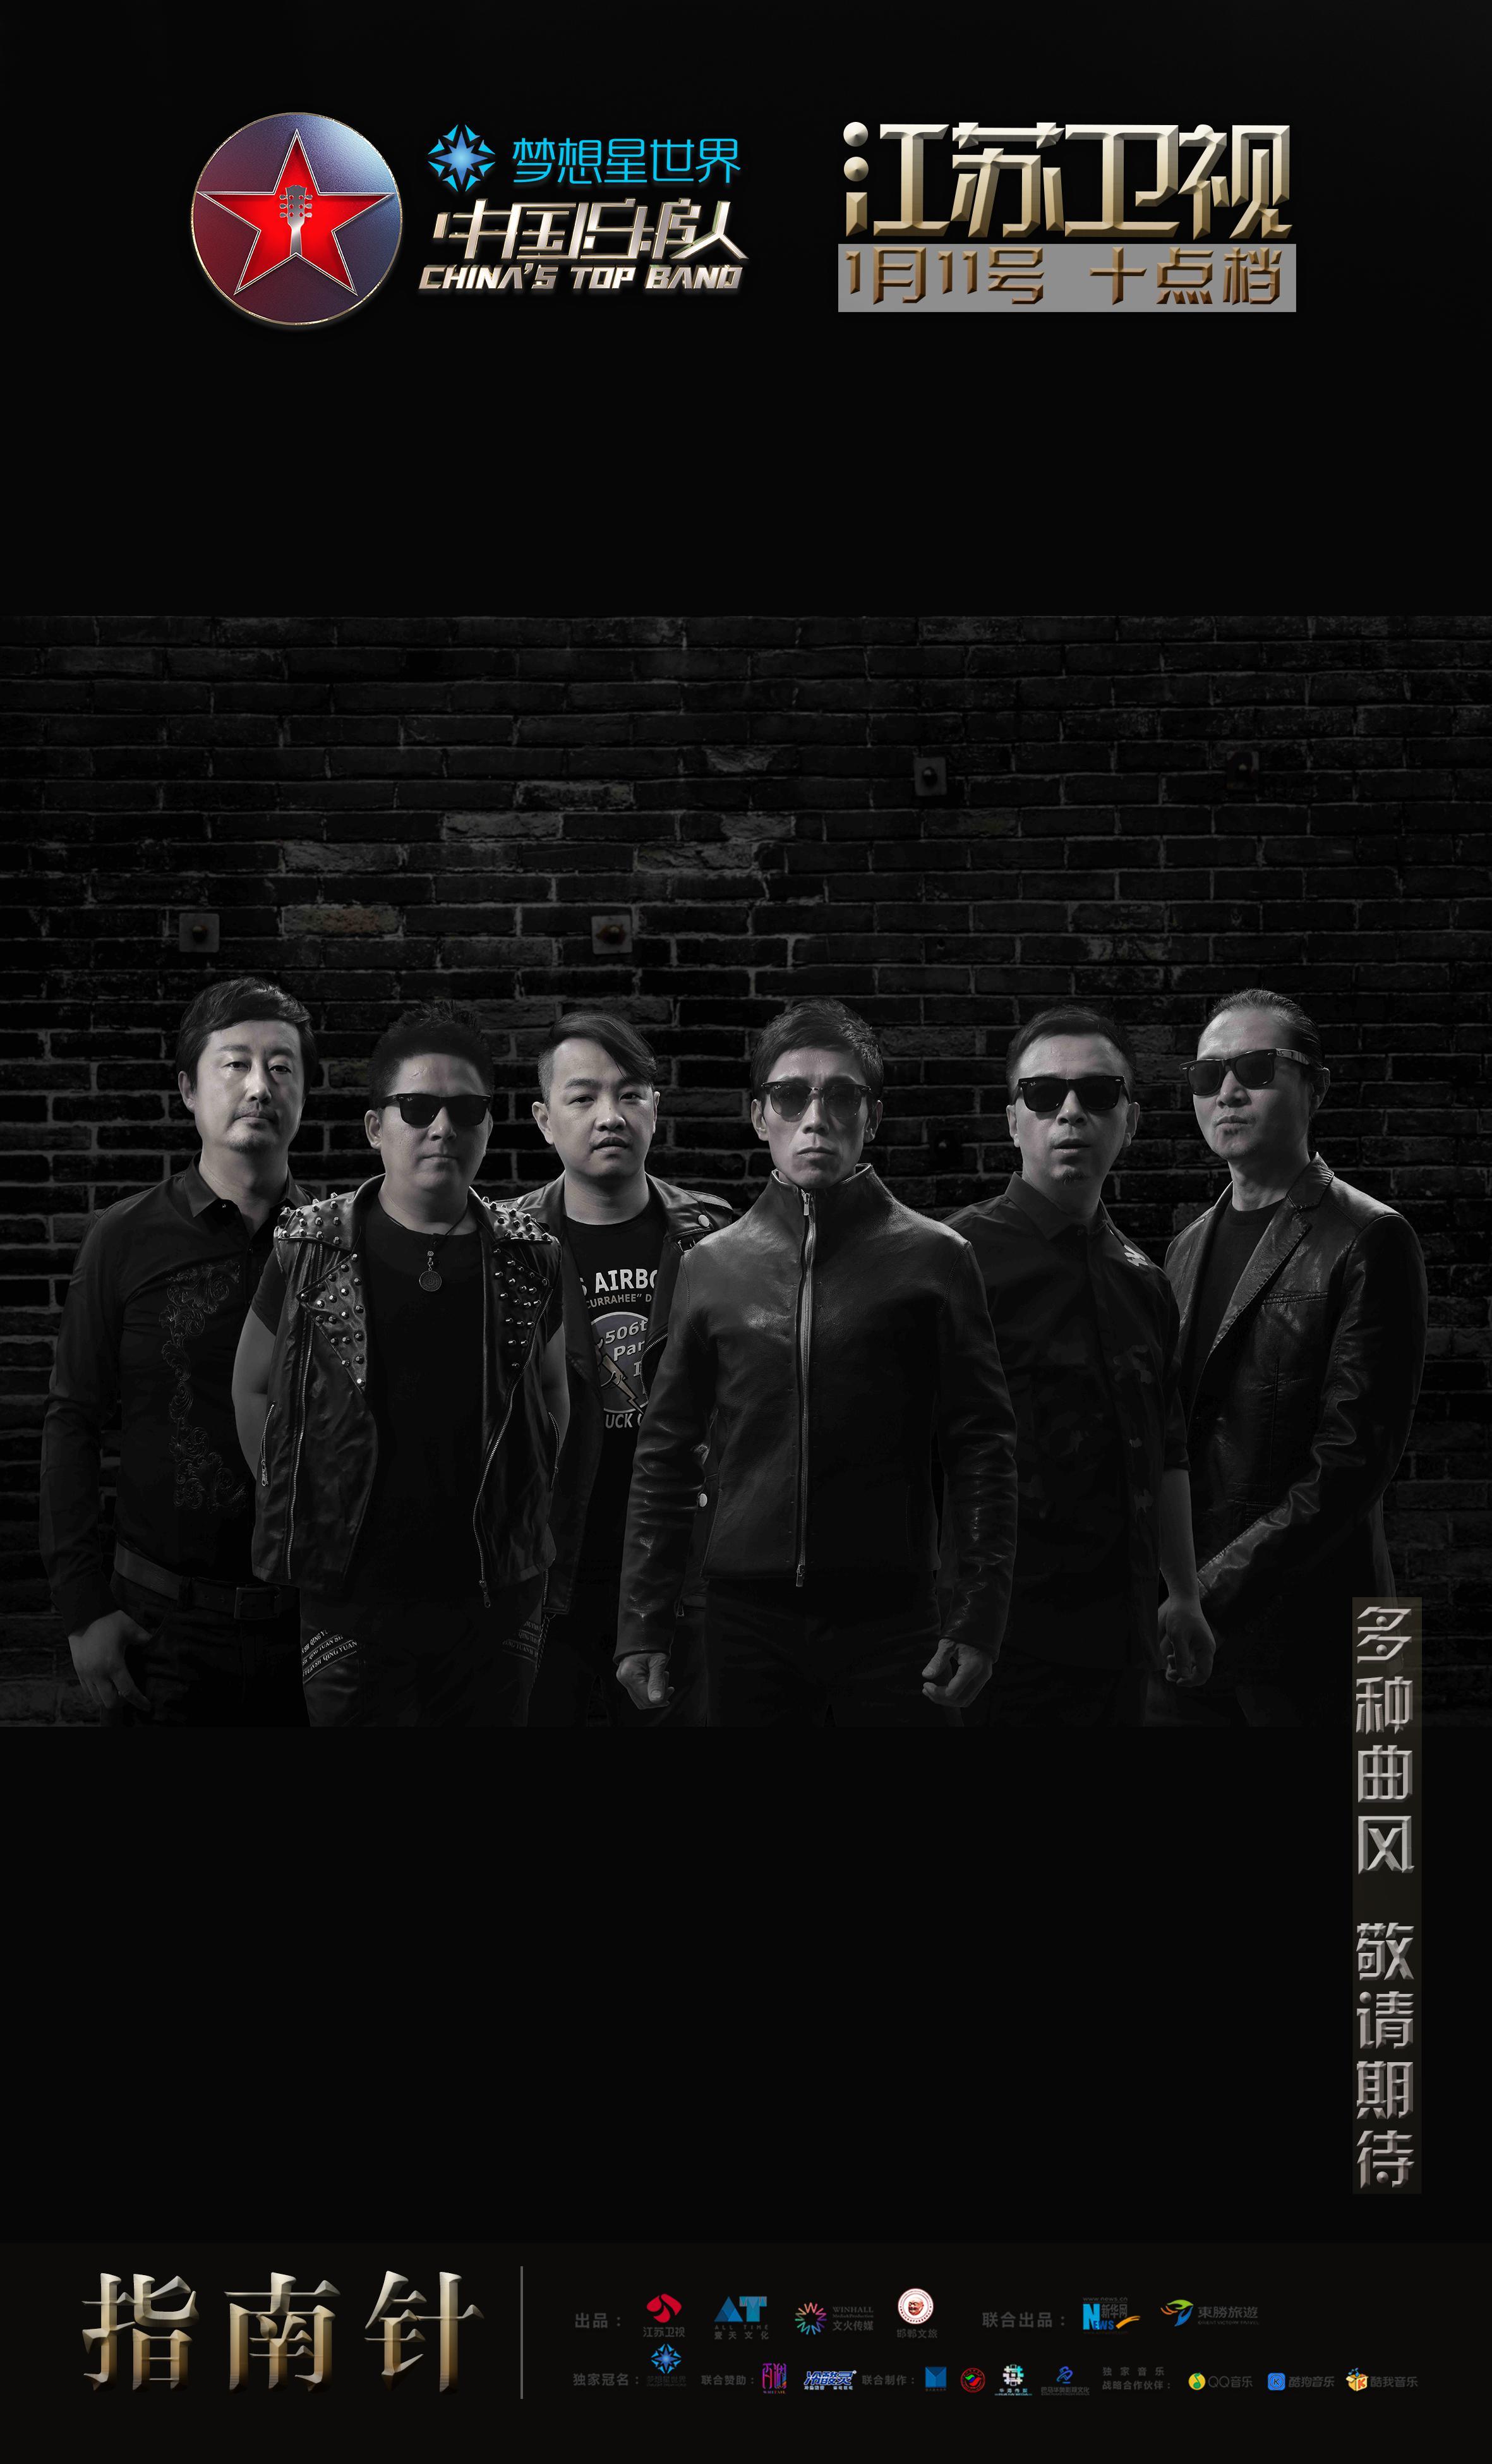 《中国乐队》第十期将如期登陆